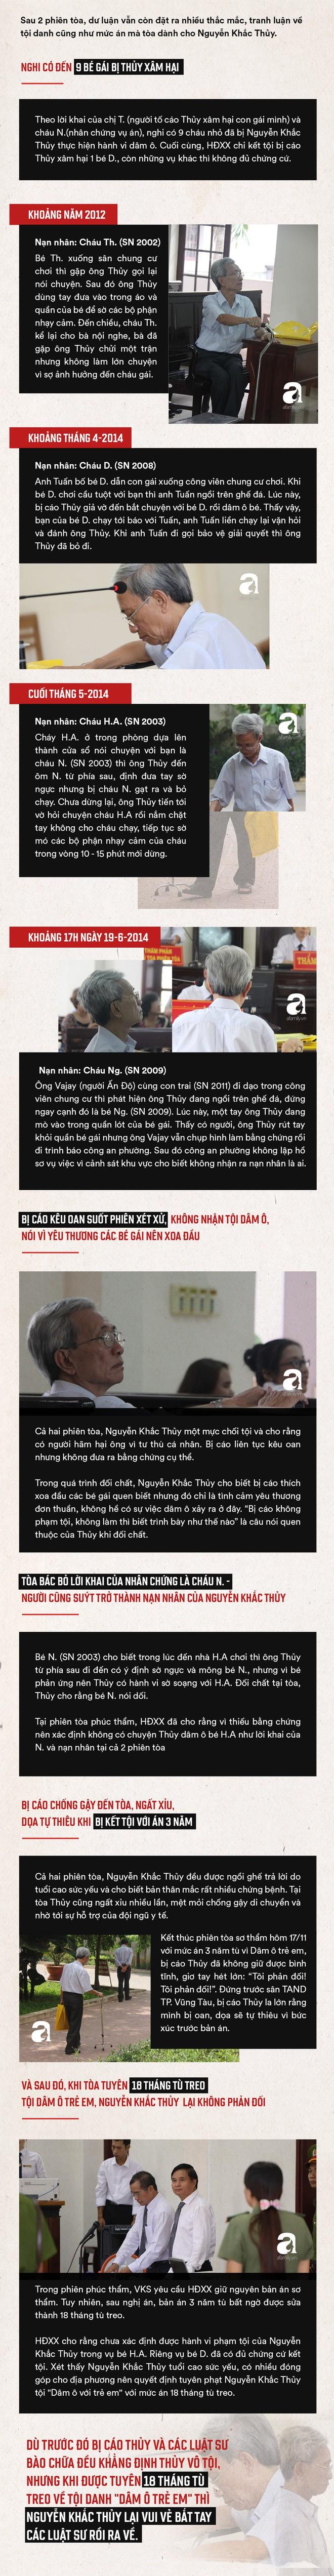 Toàn cảnh vụ Nguyễn Khắc Thủy 77 tuổi dâm ô trẻ em ở chung cư, được giảm án tù 3 năm thành án treo 18 tháng - Ảnh 2.